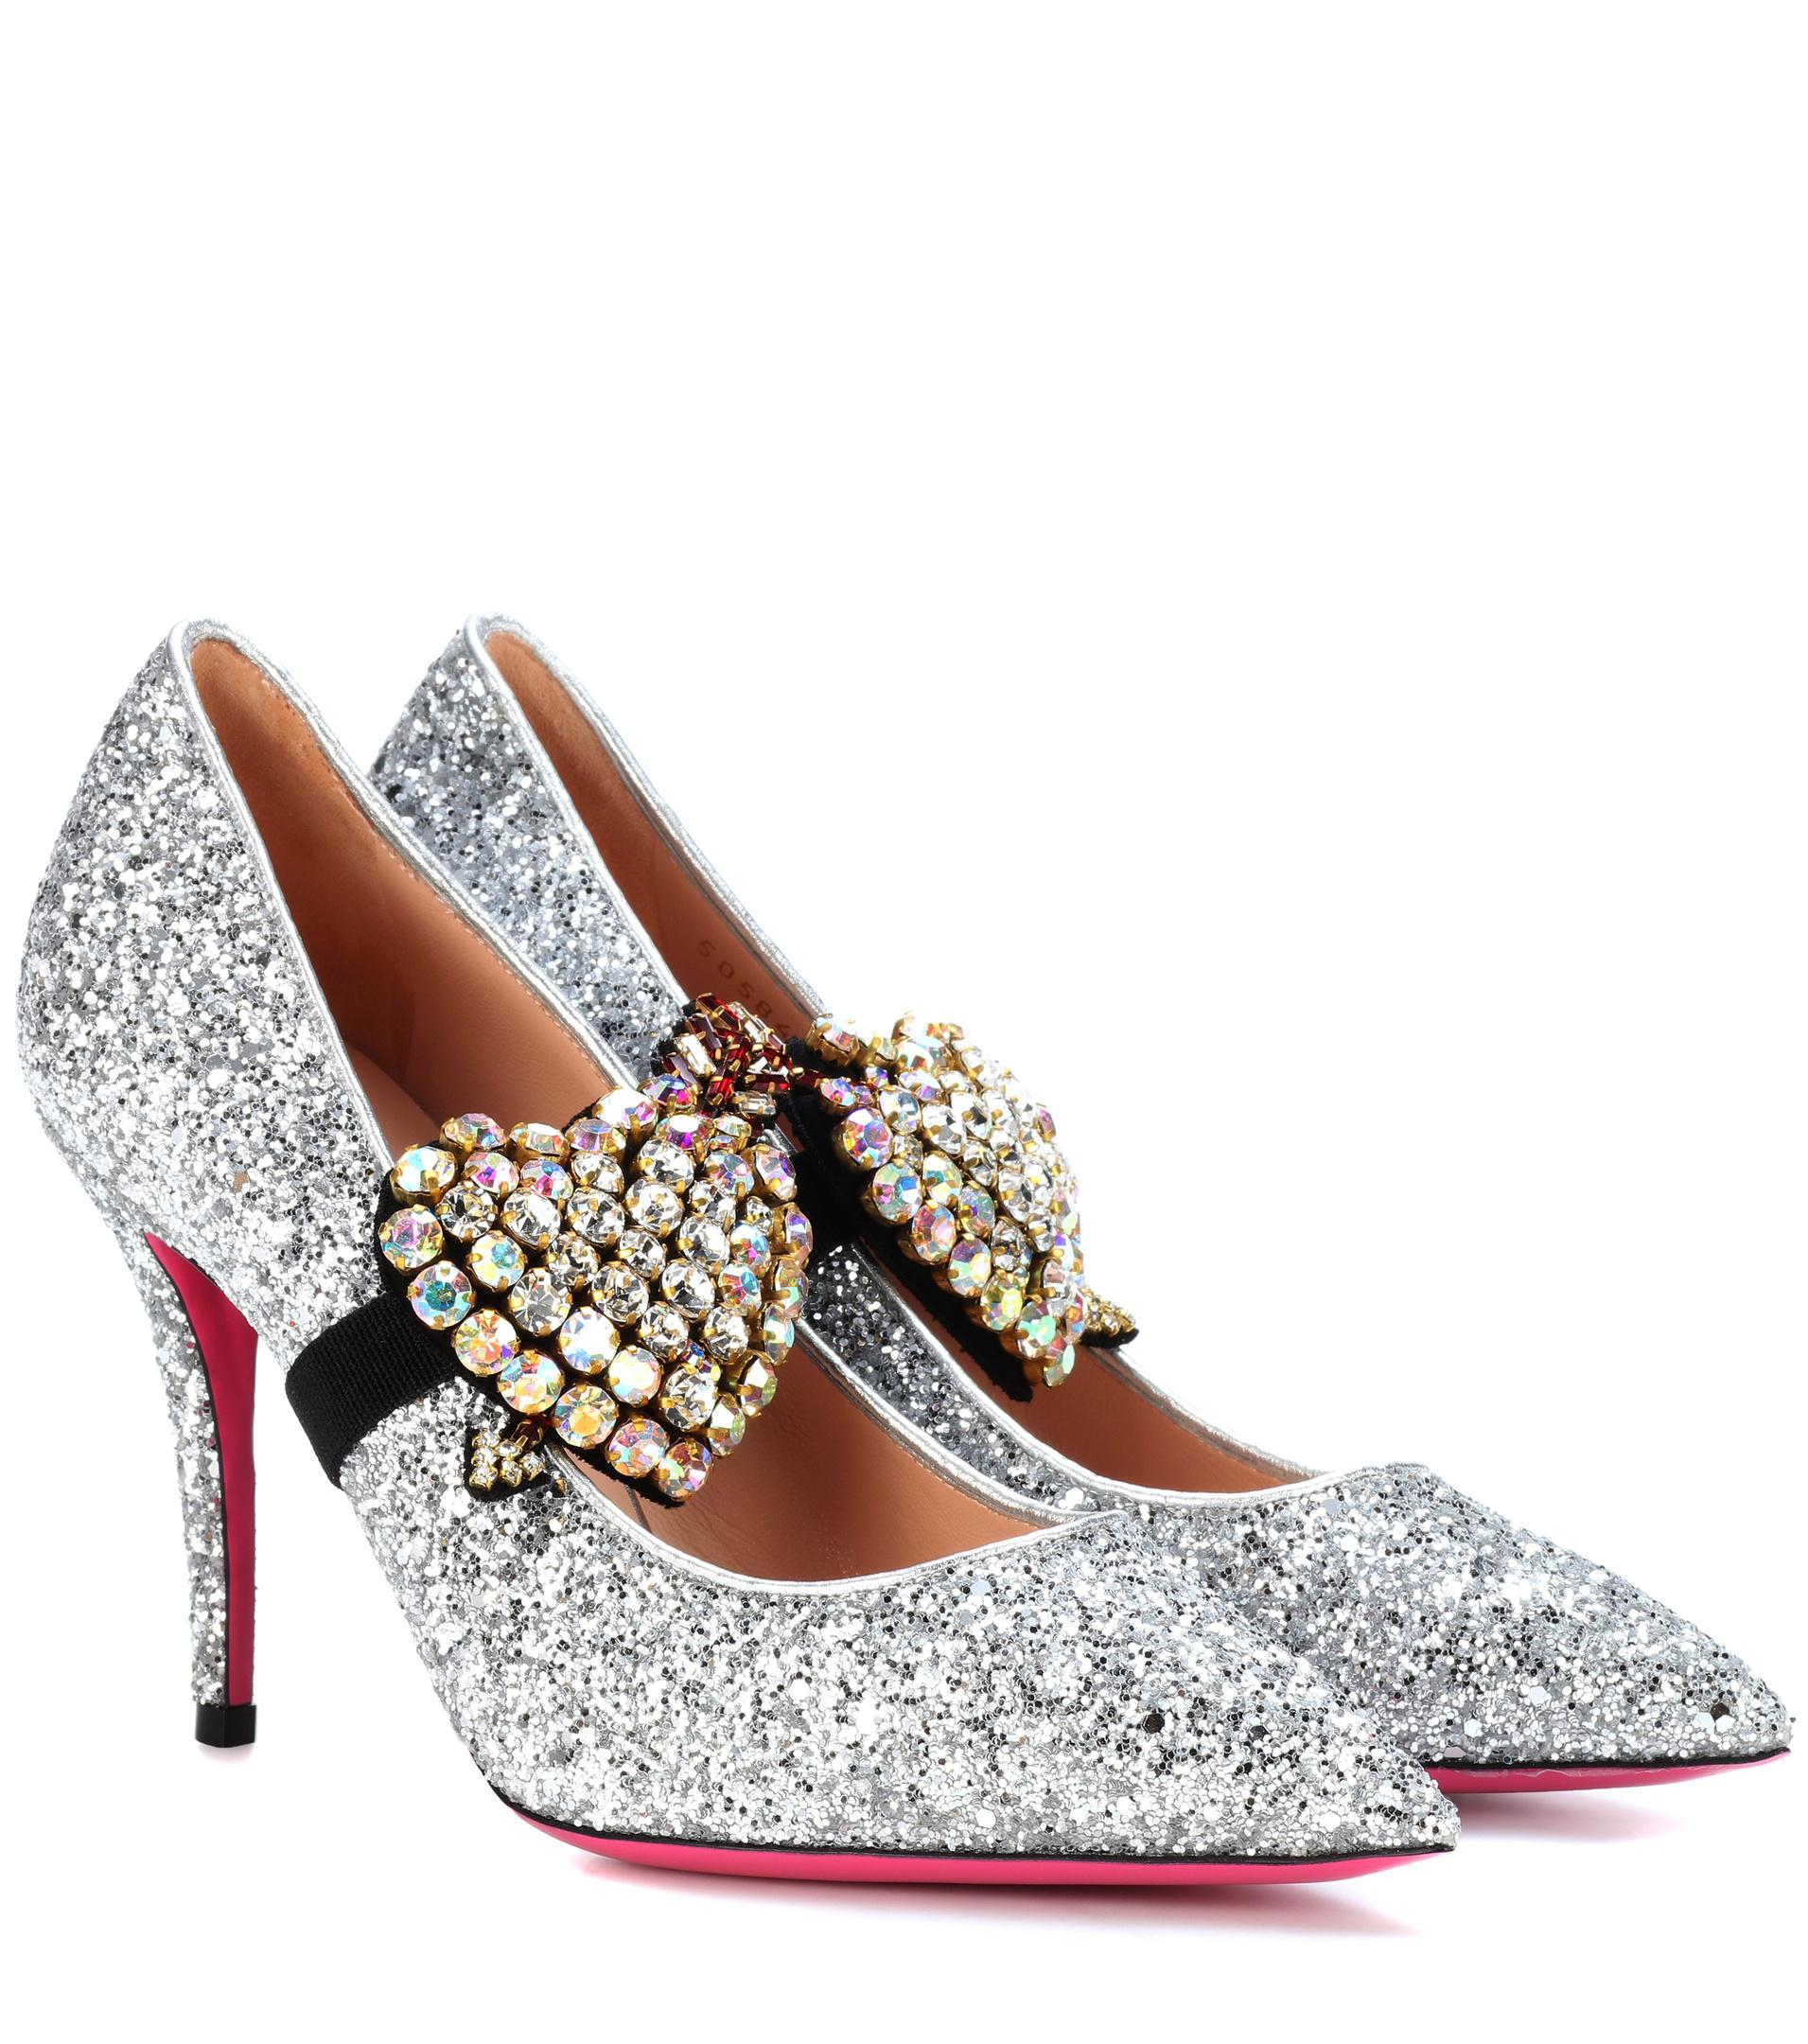 vkasB5llOM Embellished glitter pumps